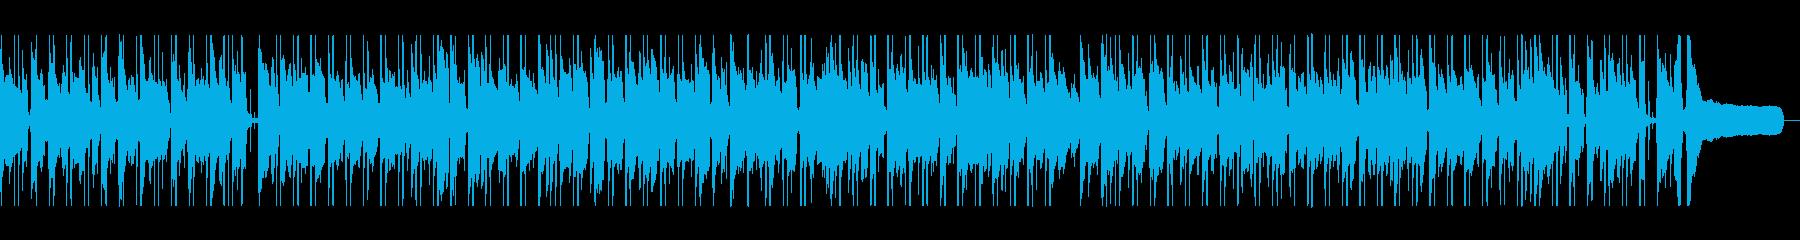 軽やかでさわやかなボサノバの再生済みの波形